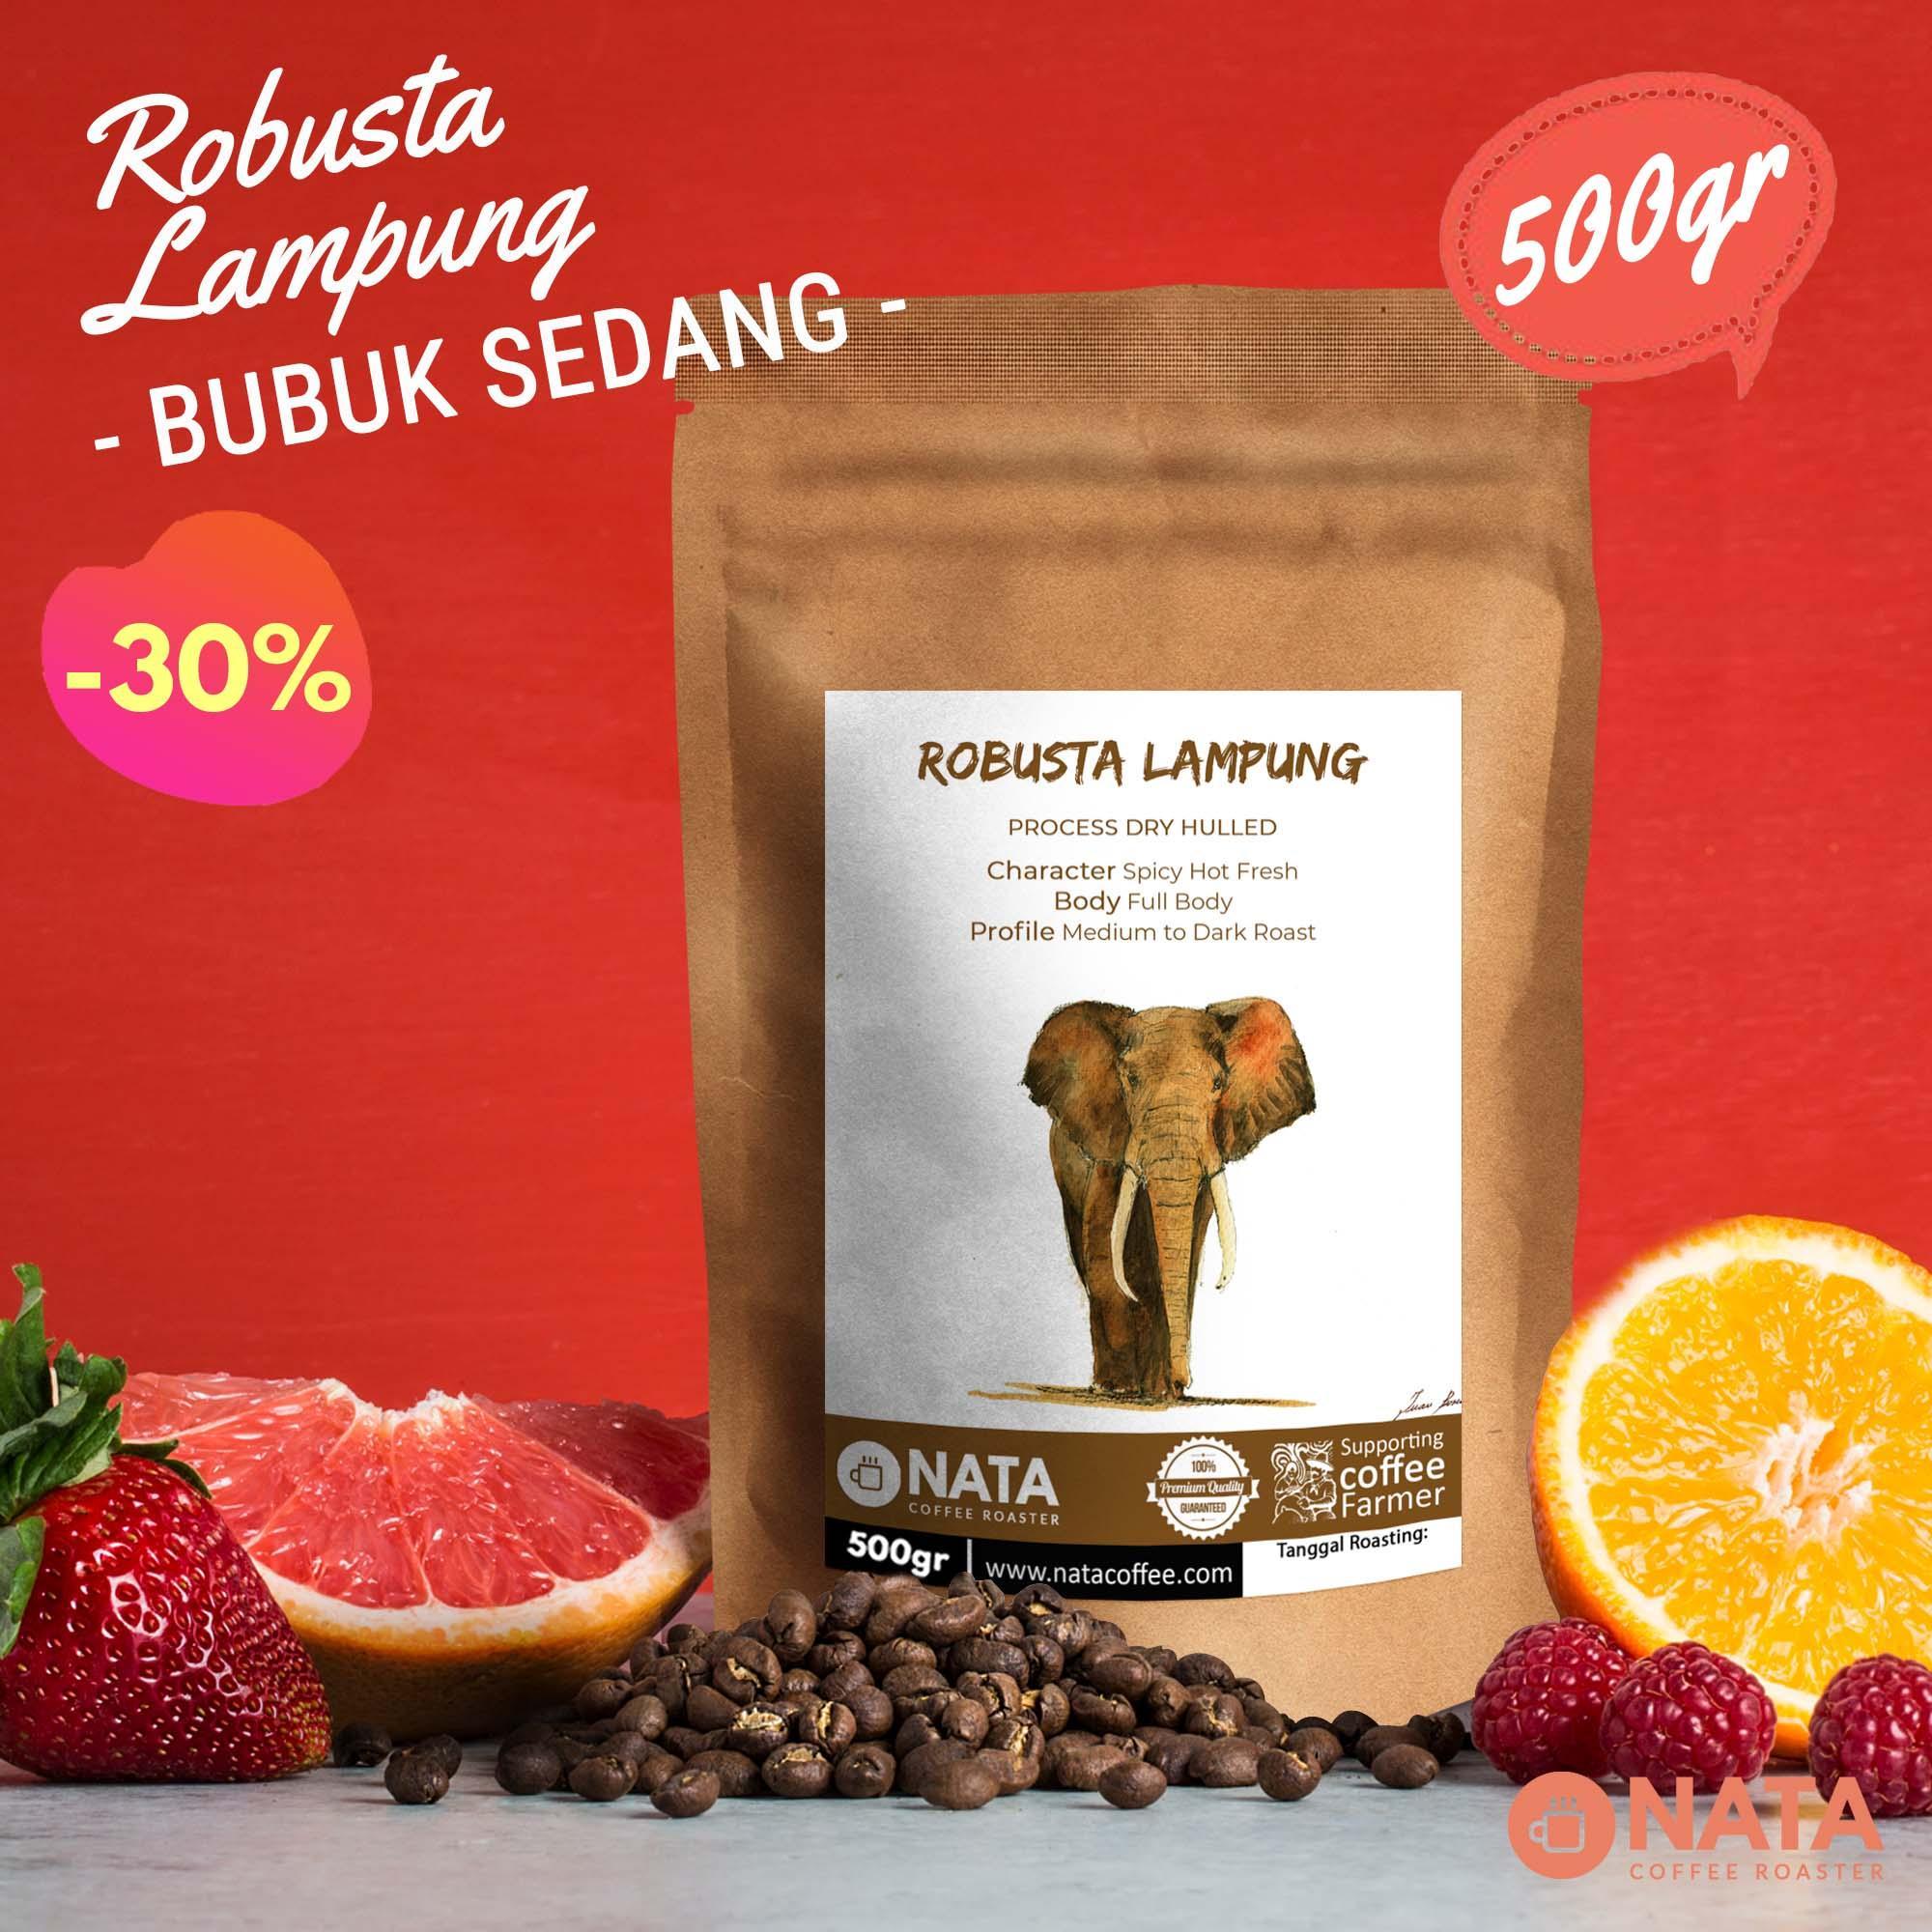 JJ Royal Coffee Toraja Arabica Ground (Kopi Bubuk) 200gr. Source · Nata Kopi Robusta Lampung 500gr - BUBUK SEDANG